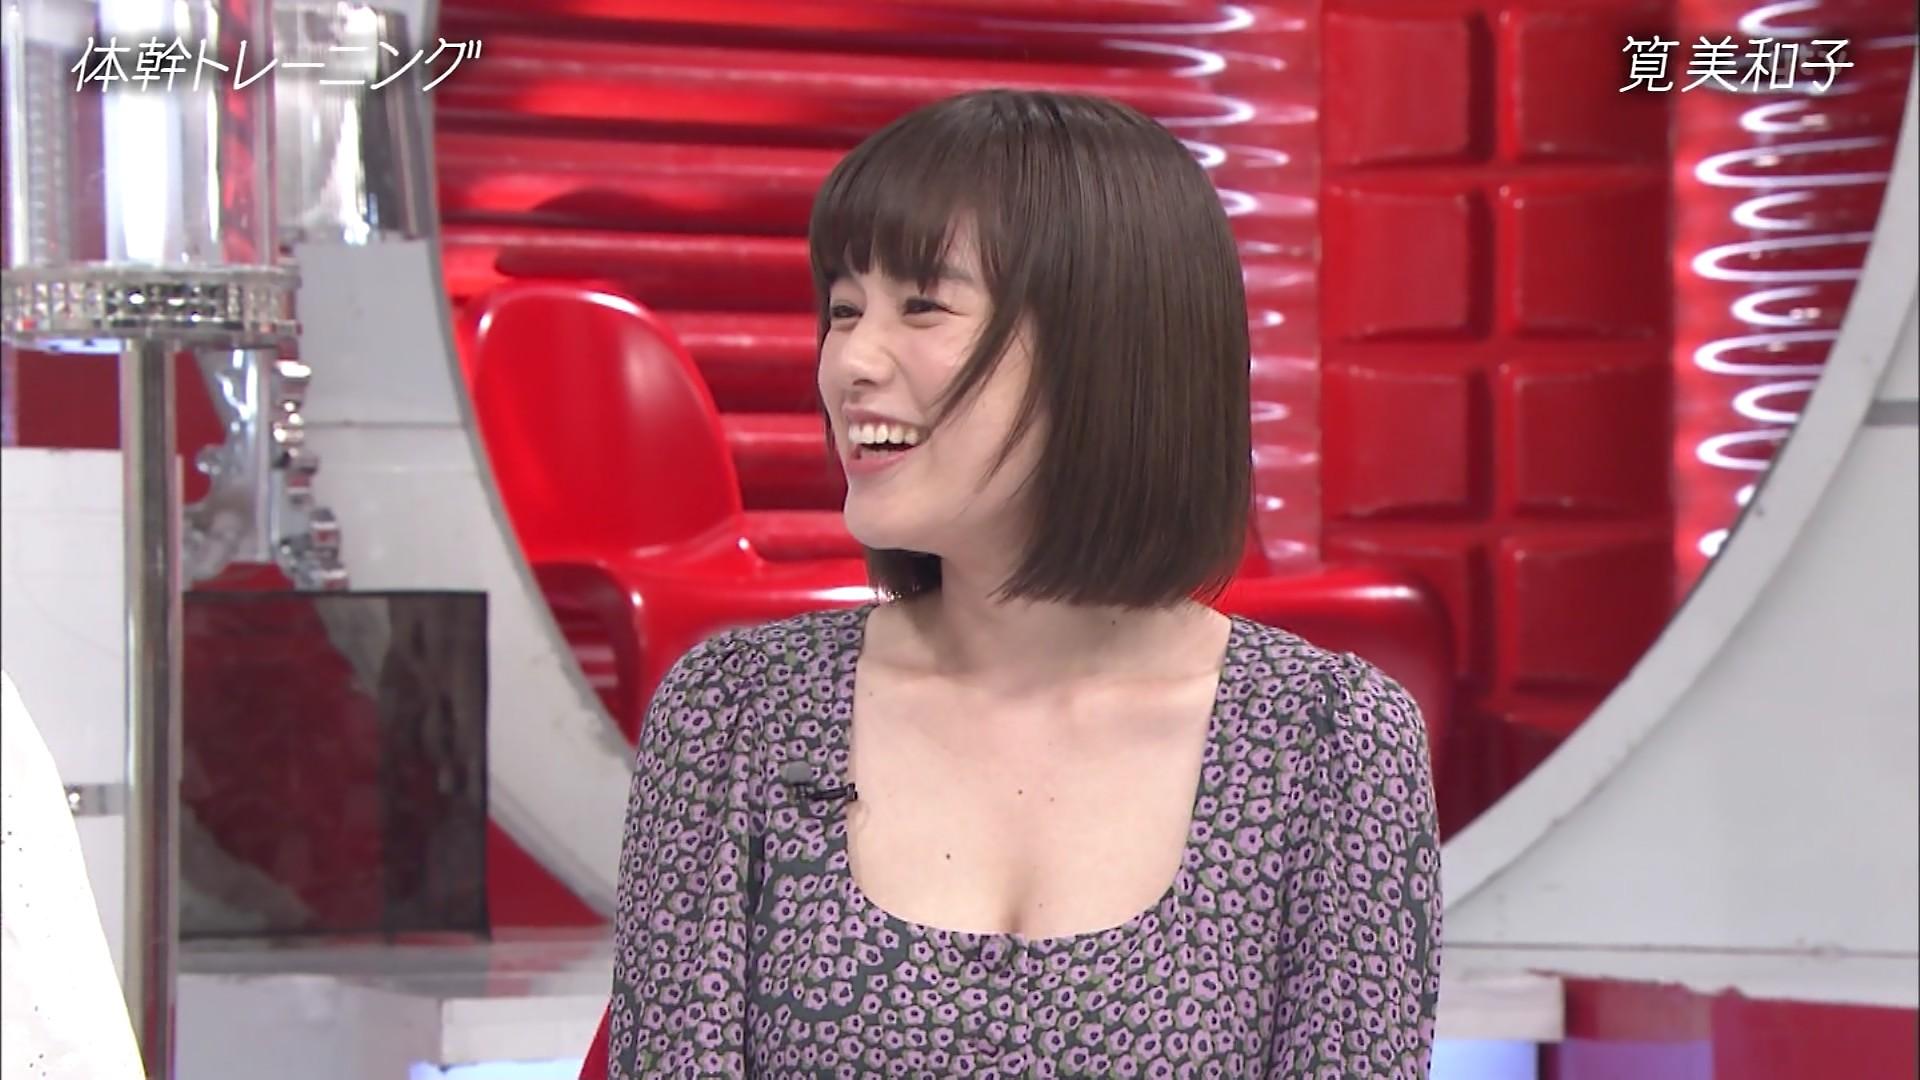 胸チラ_谷間_おっぱい_おしゃれイズム_34